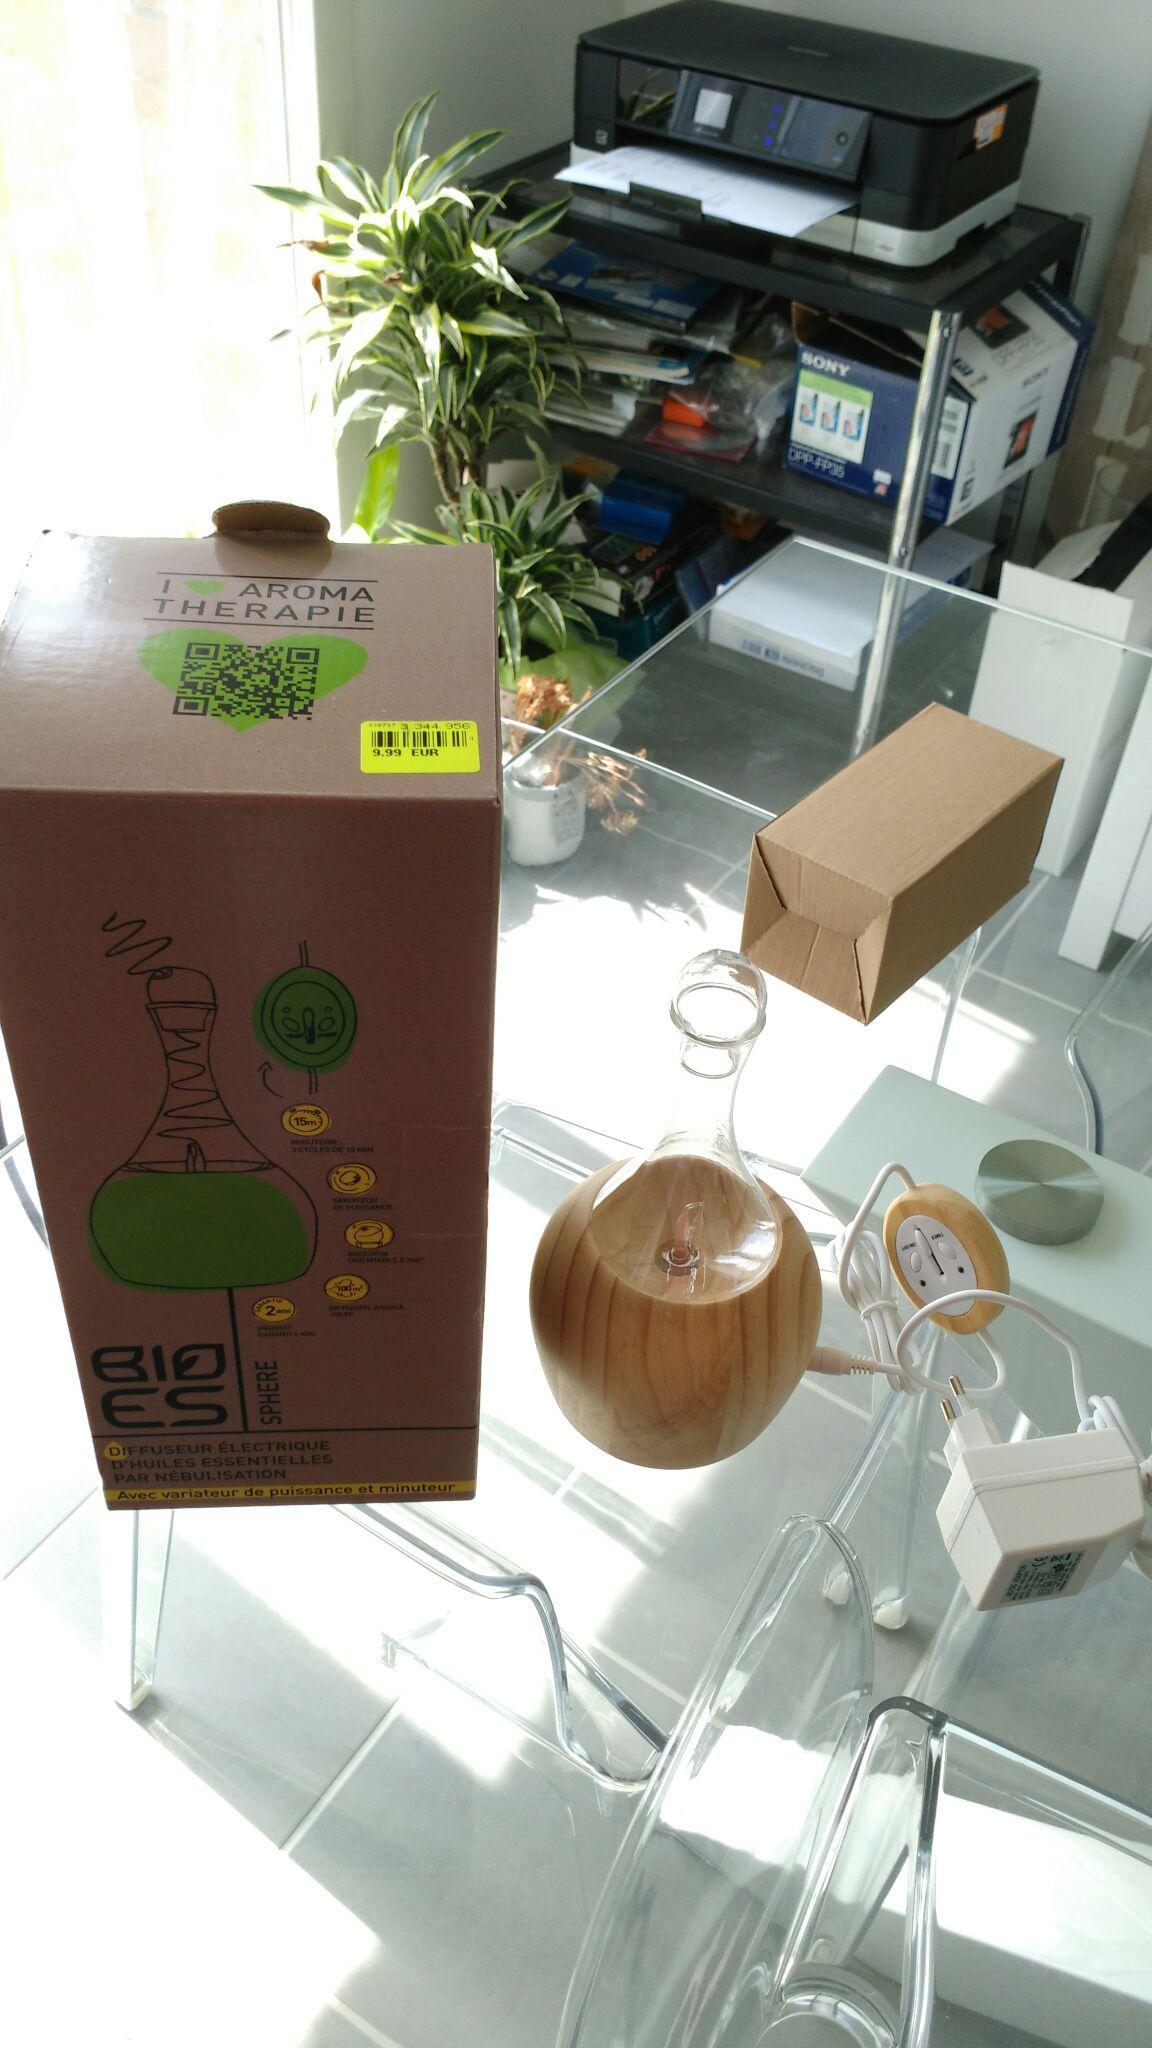 Diffuseur électrique d'huiles essentielles par nébulisation Bioes